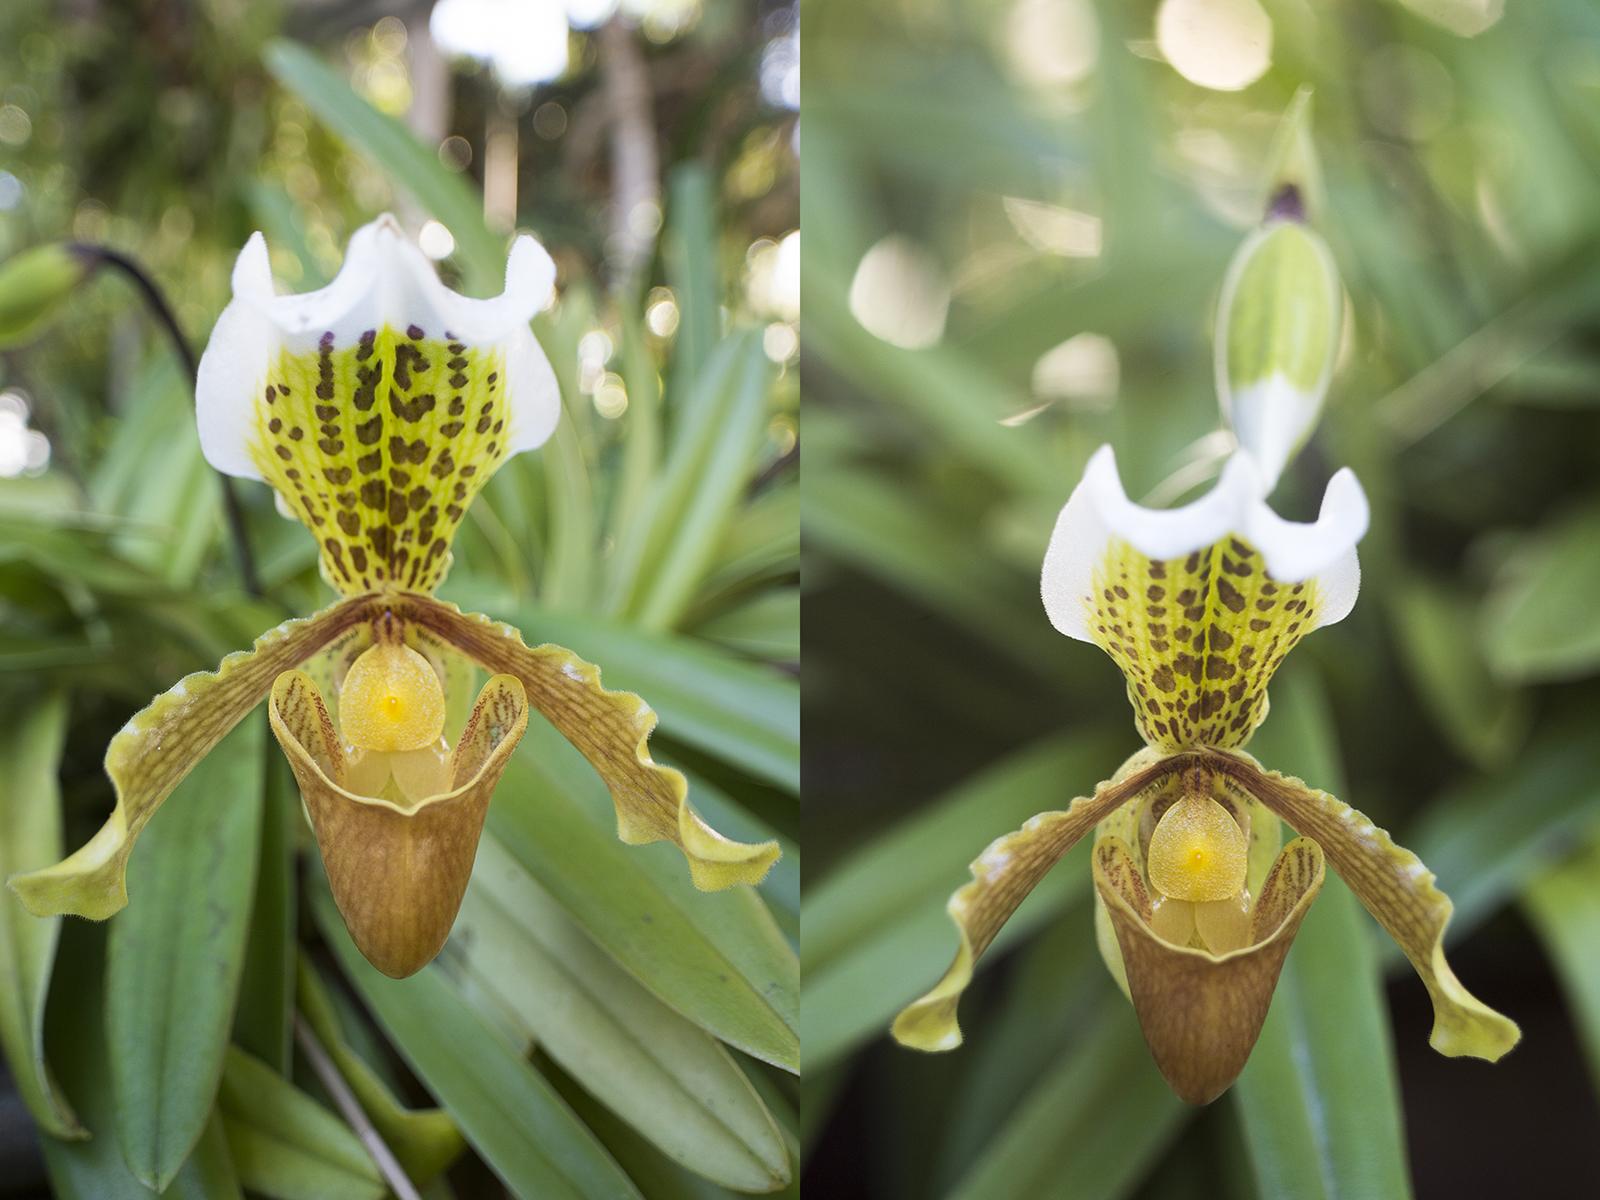 Orchidee met wide-angle (links) en 58mm (rechts).